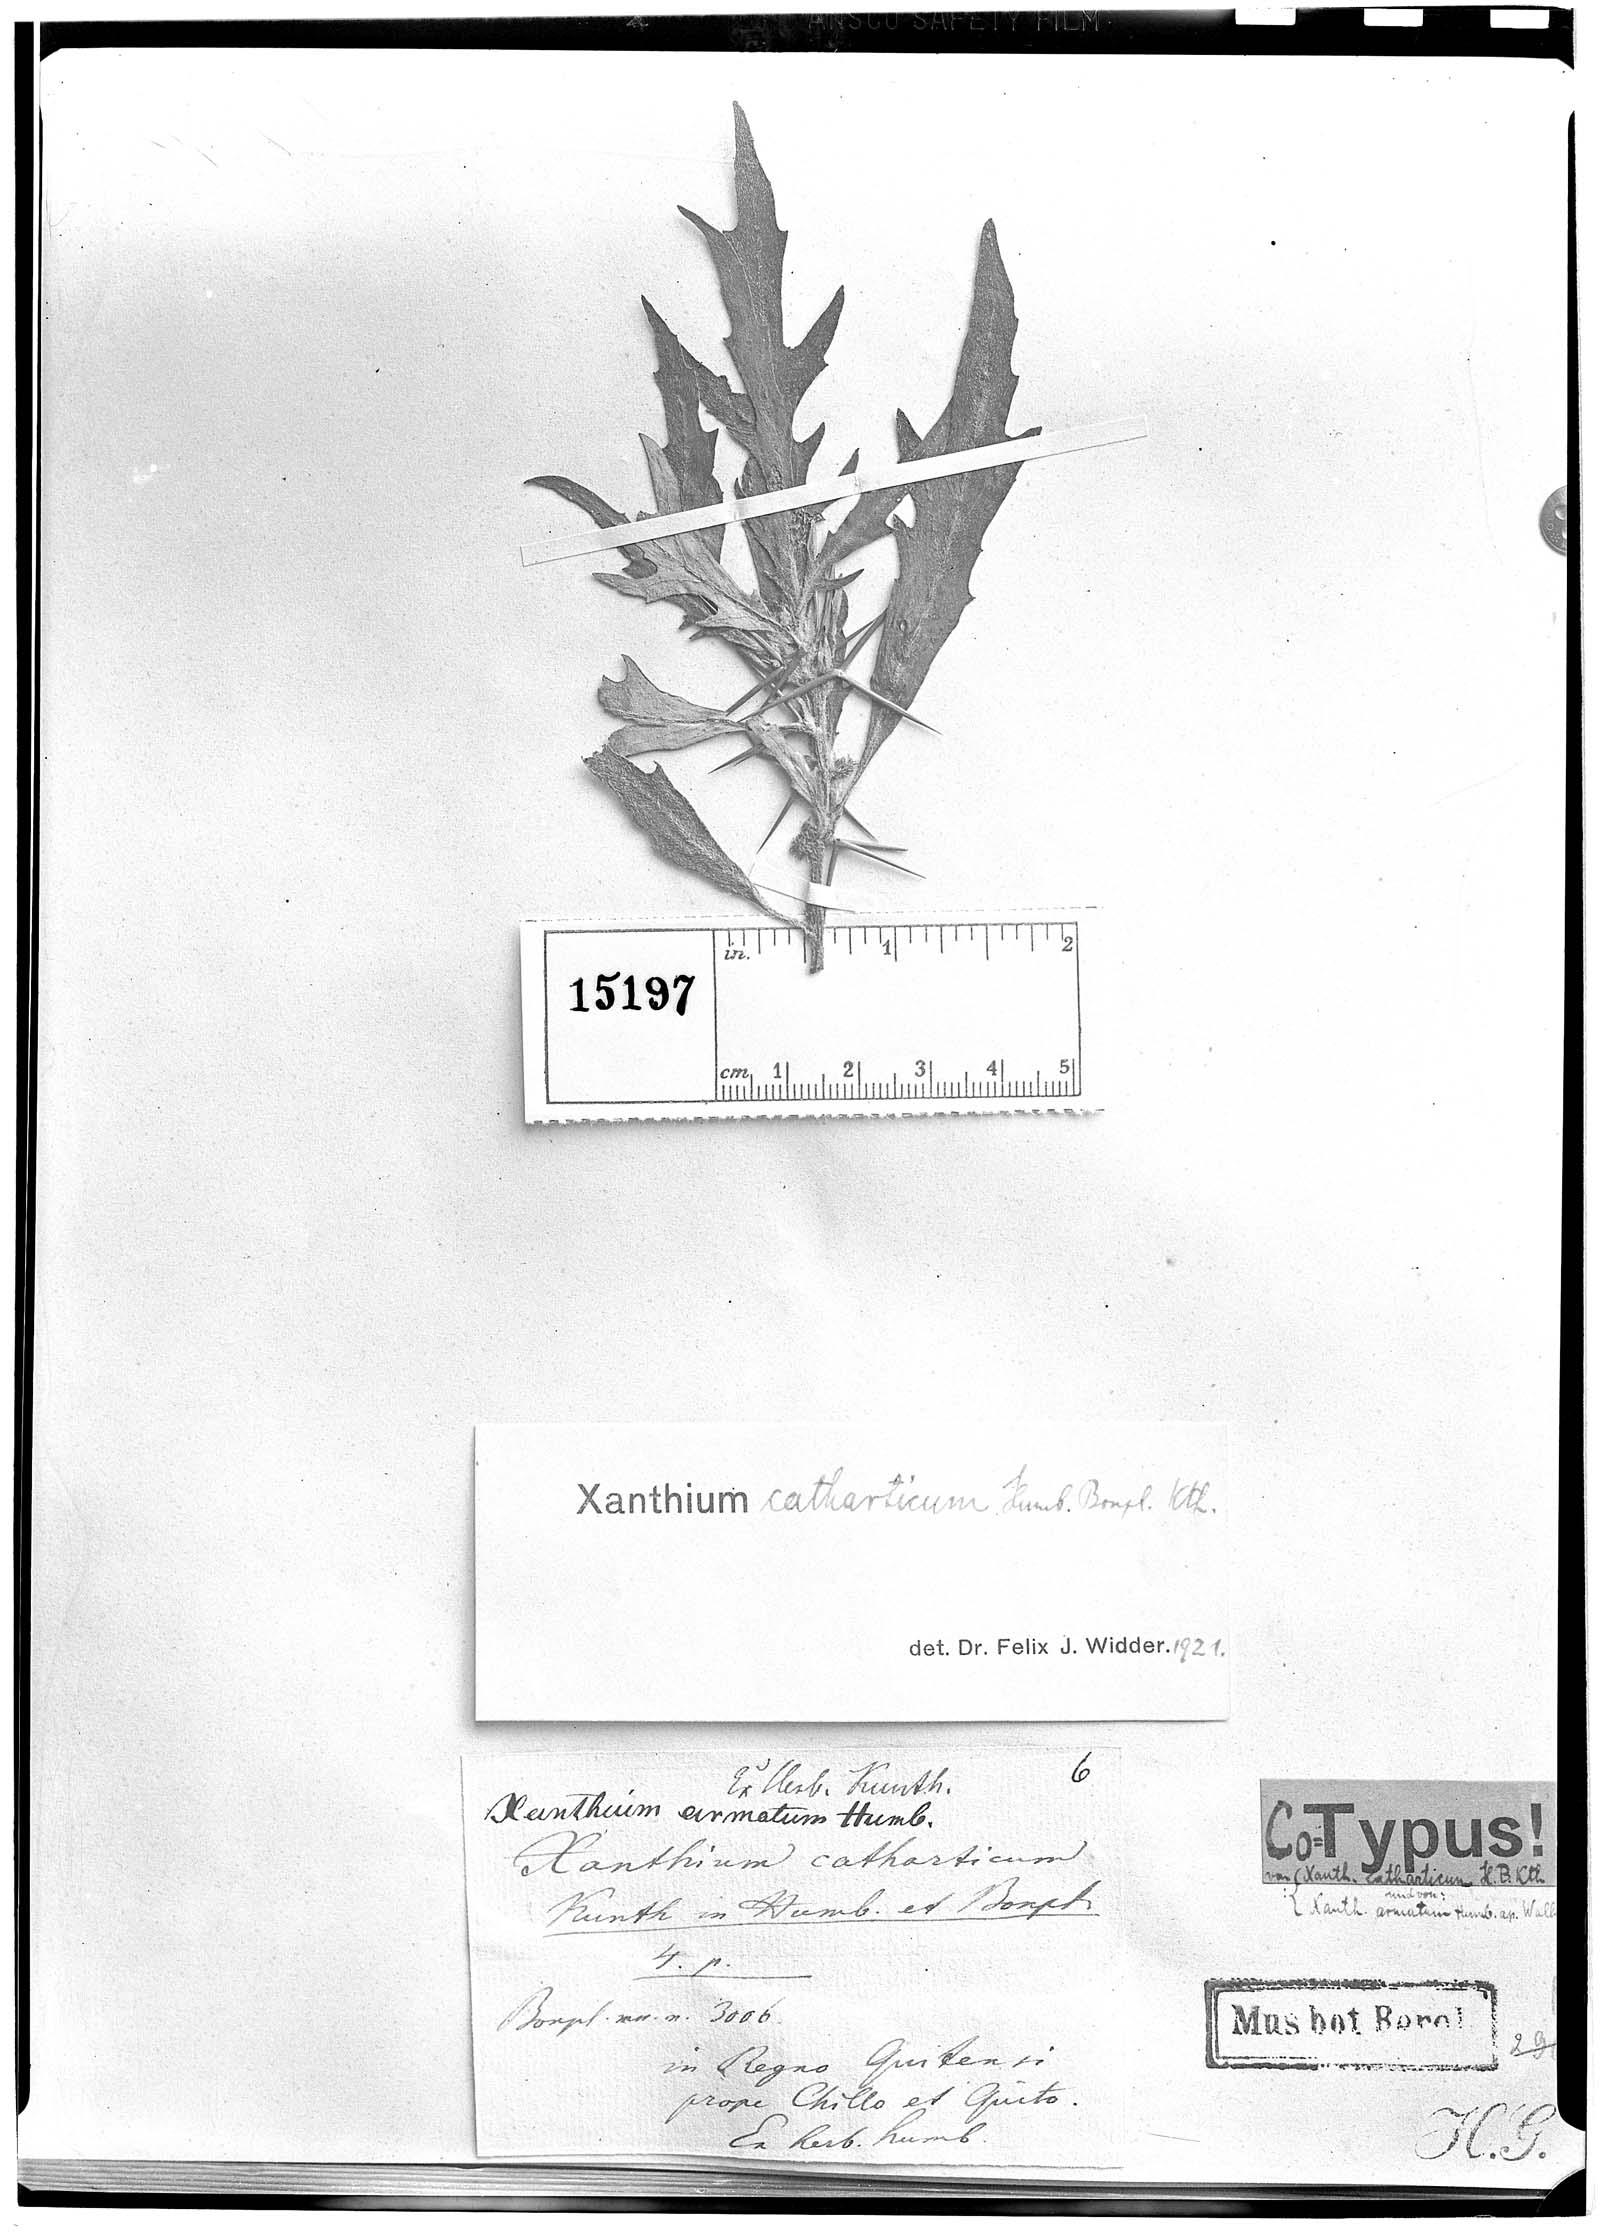 Xanthium catharticum image